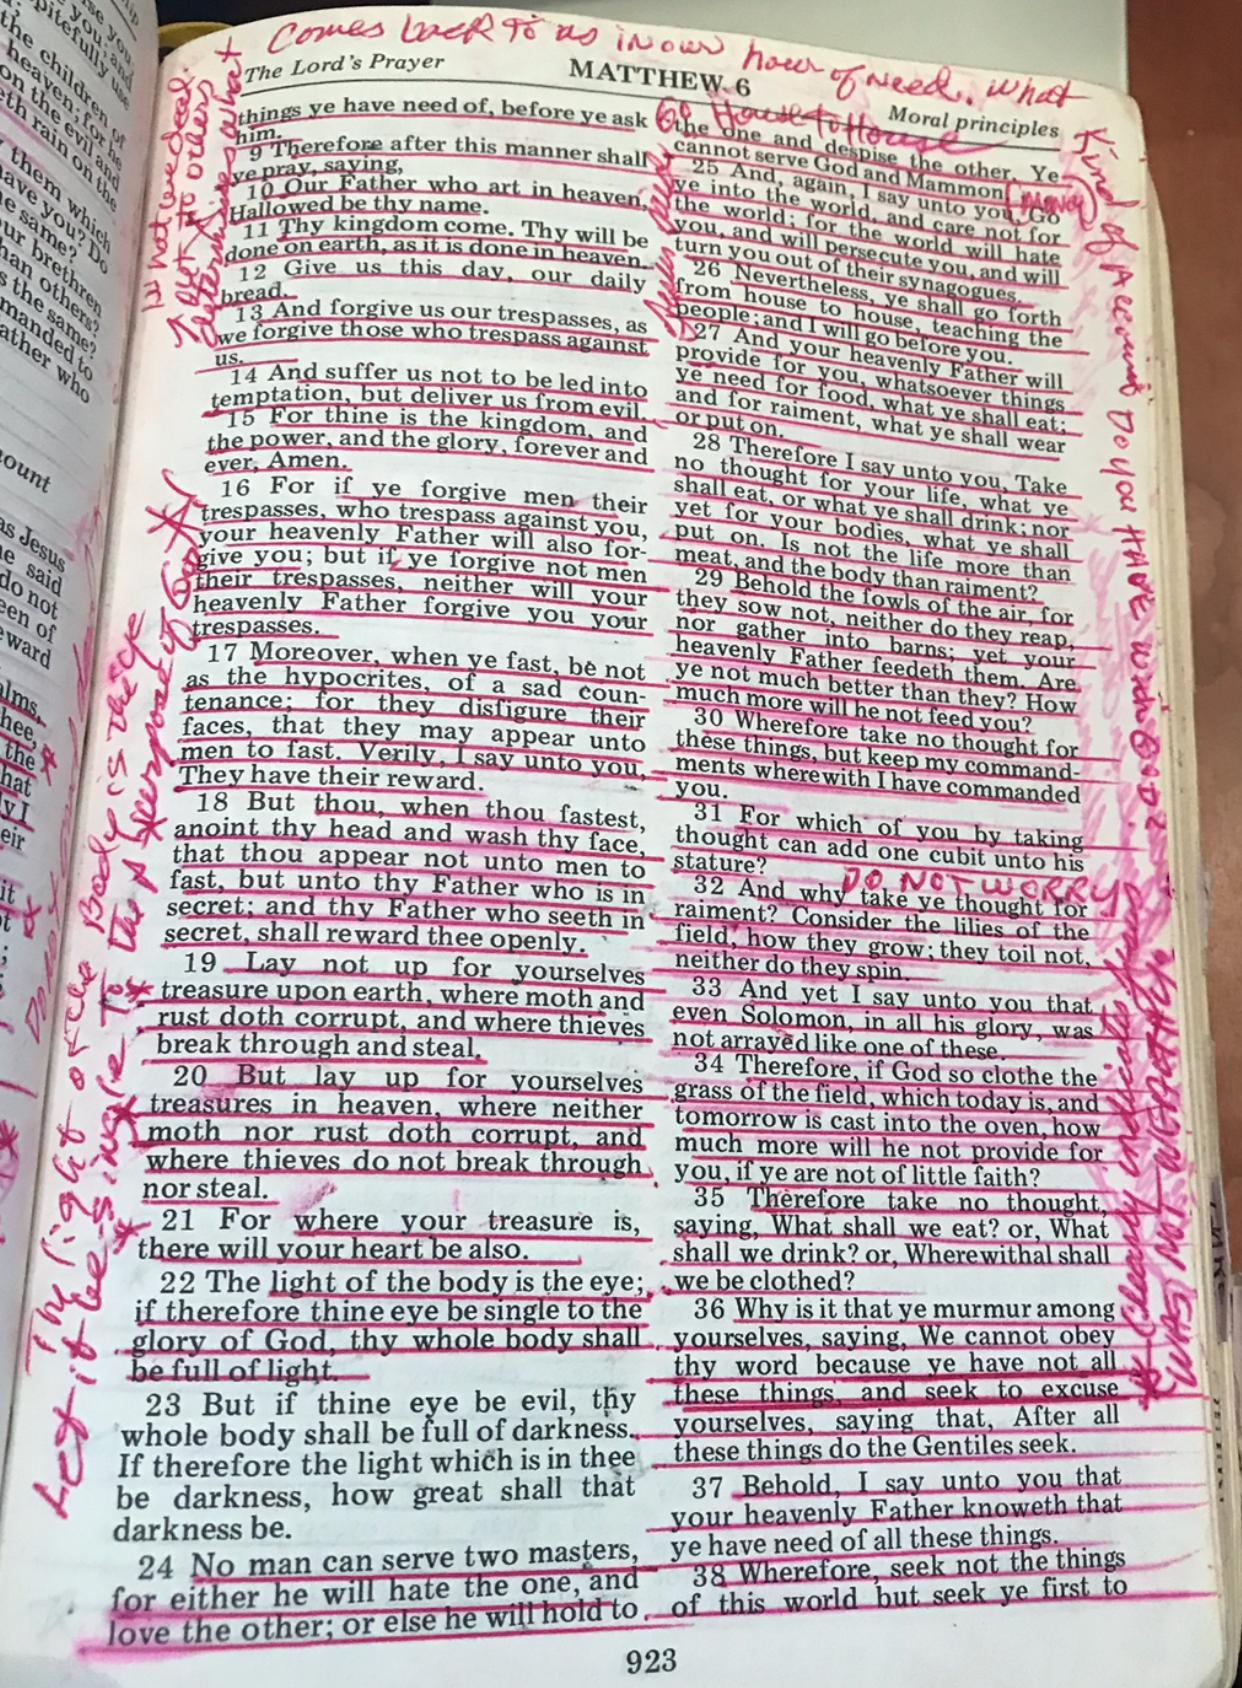 Matthew 6 page